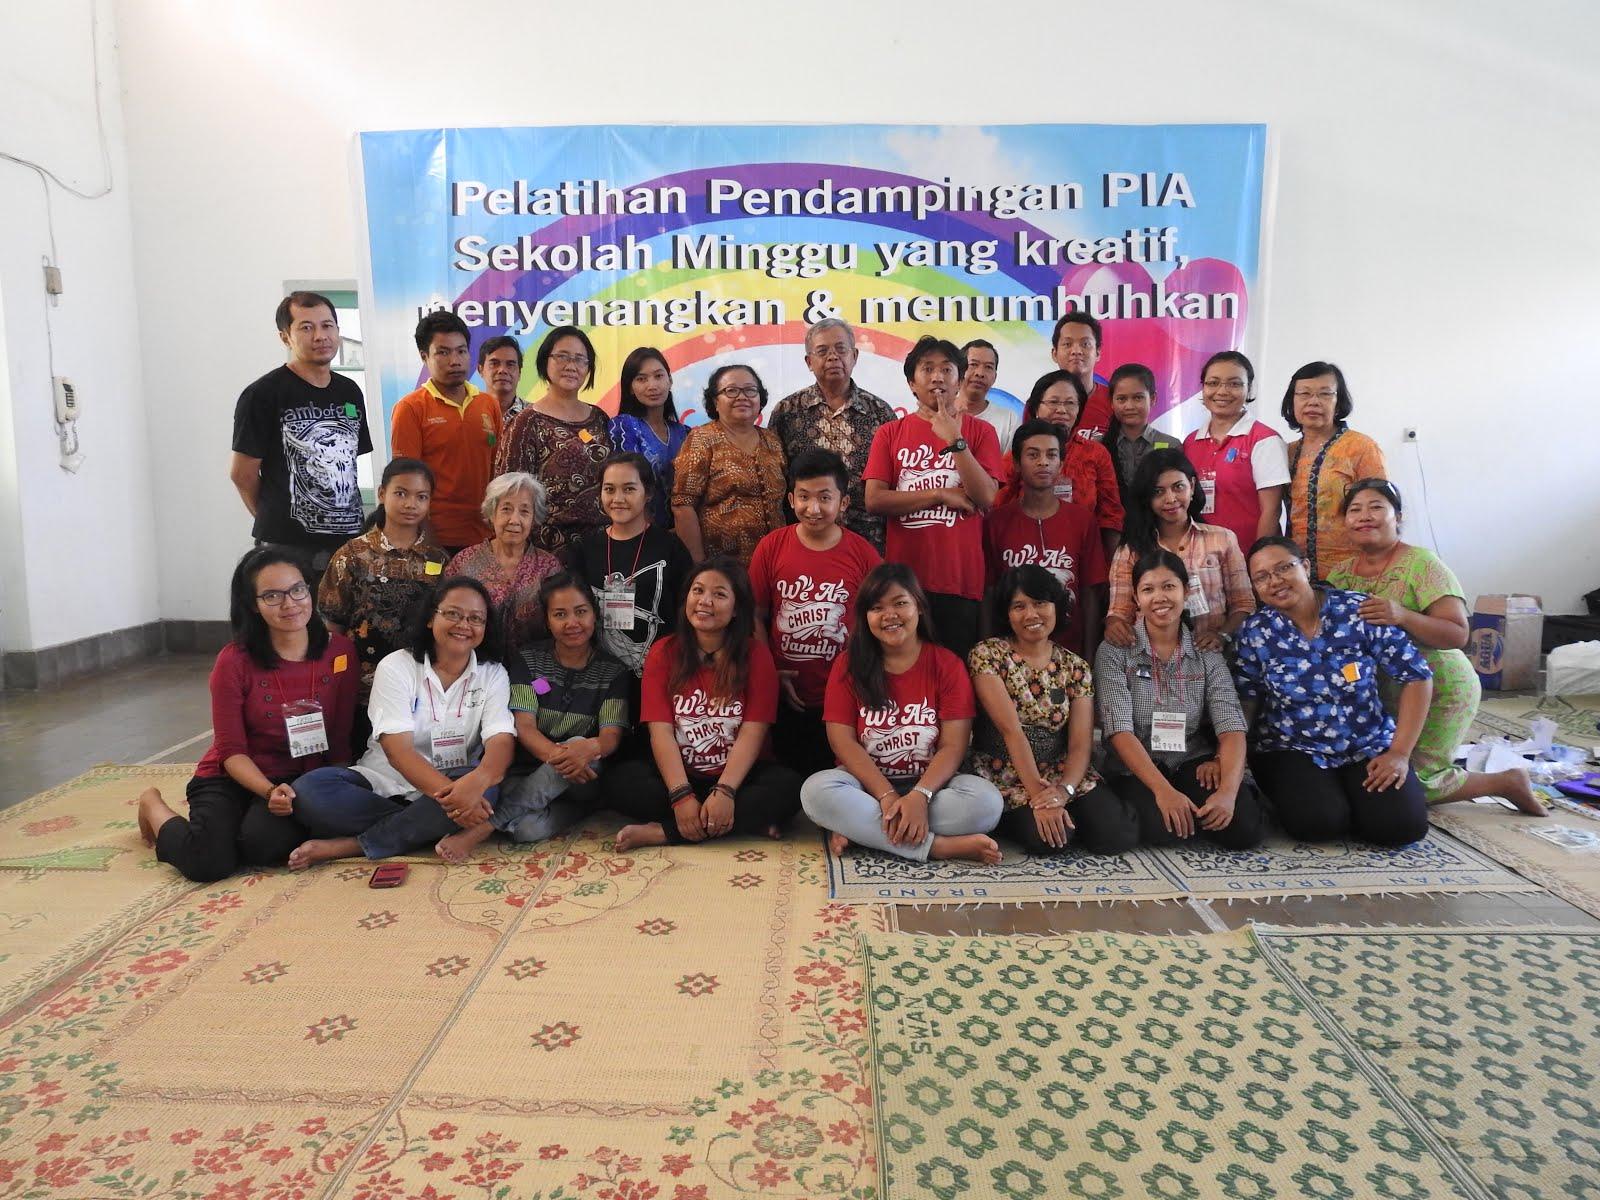 Bersama pendamping PIA wilayah Klaseman Paroki Banteng 24 April 2016